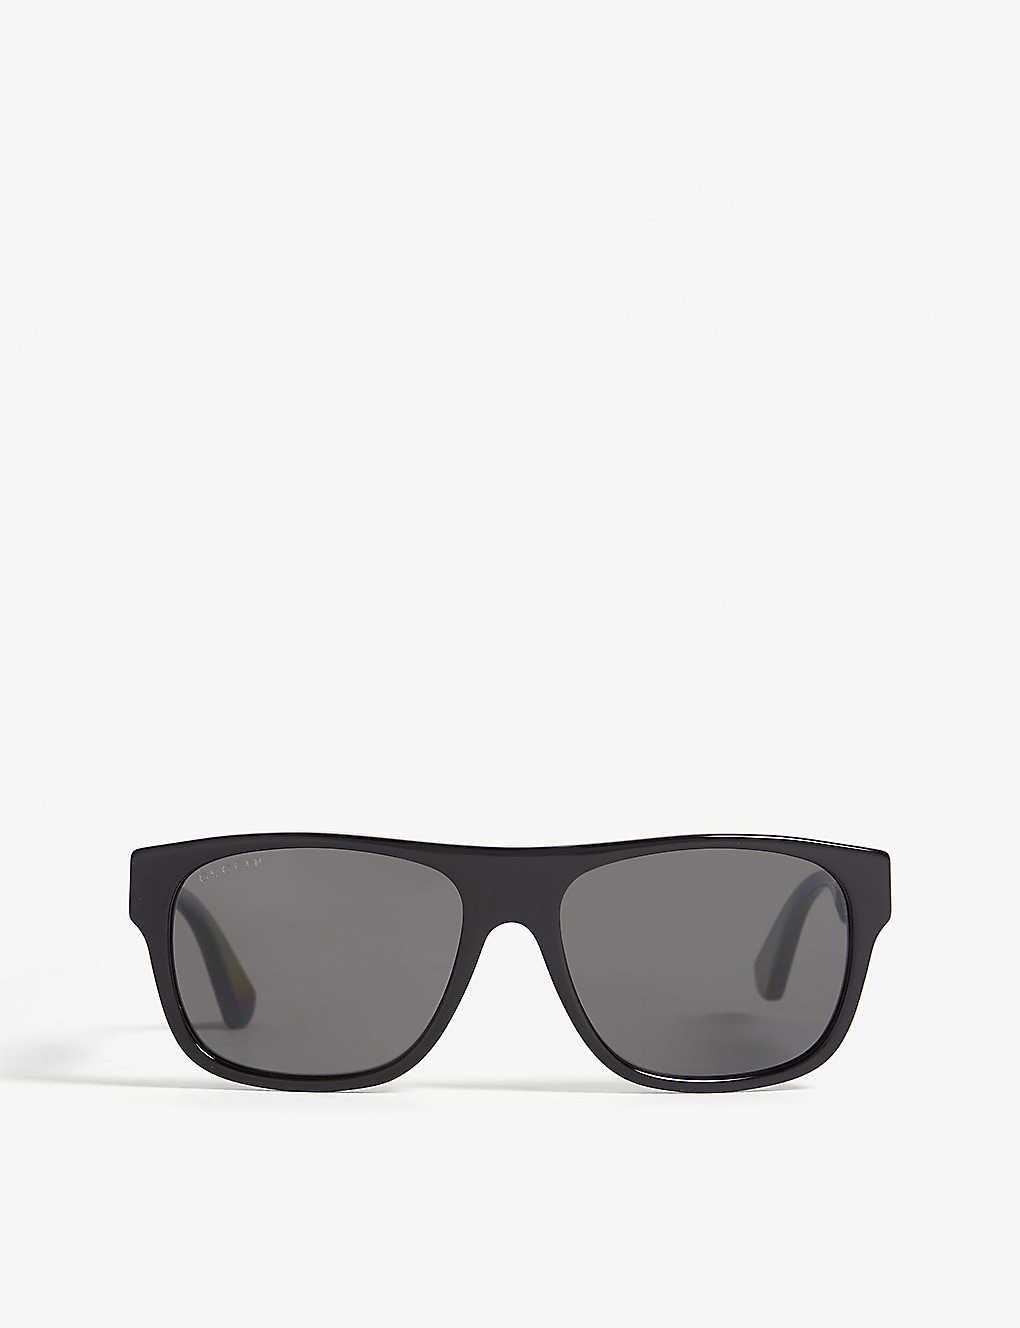 dade51119 GUCCI - Gg0341s rectangle-frame sunglasses | Selfridges.com